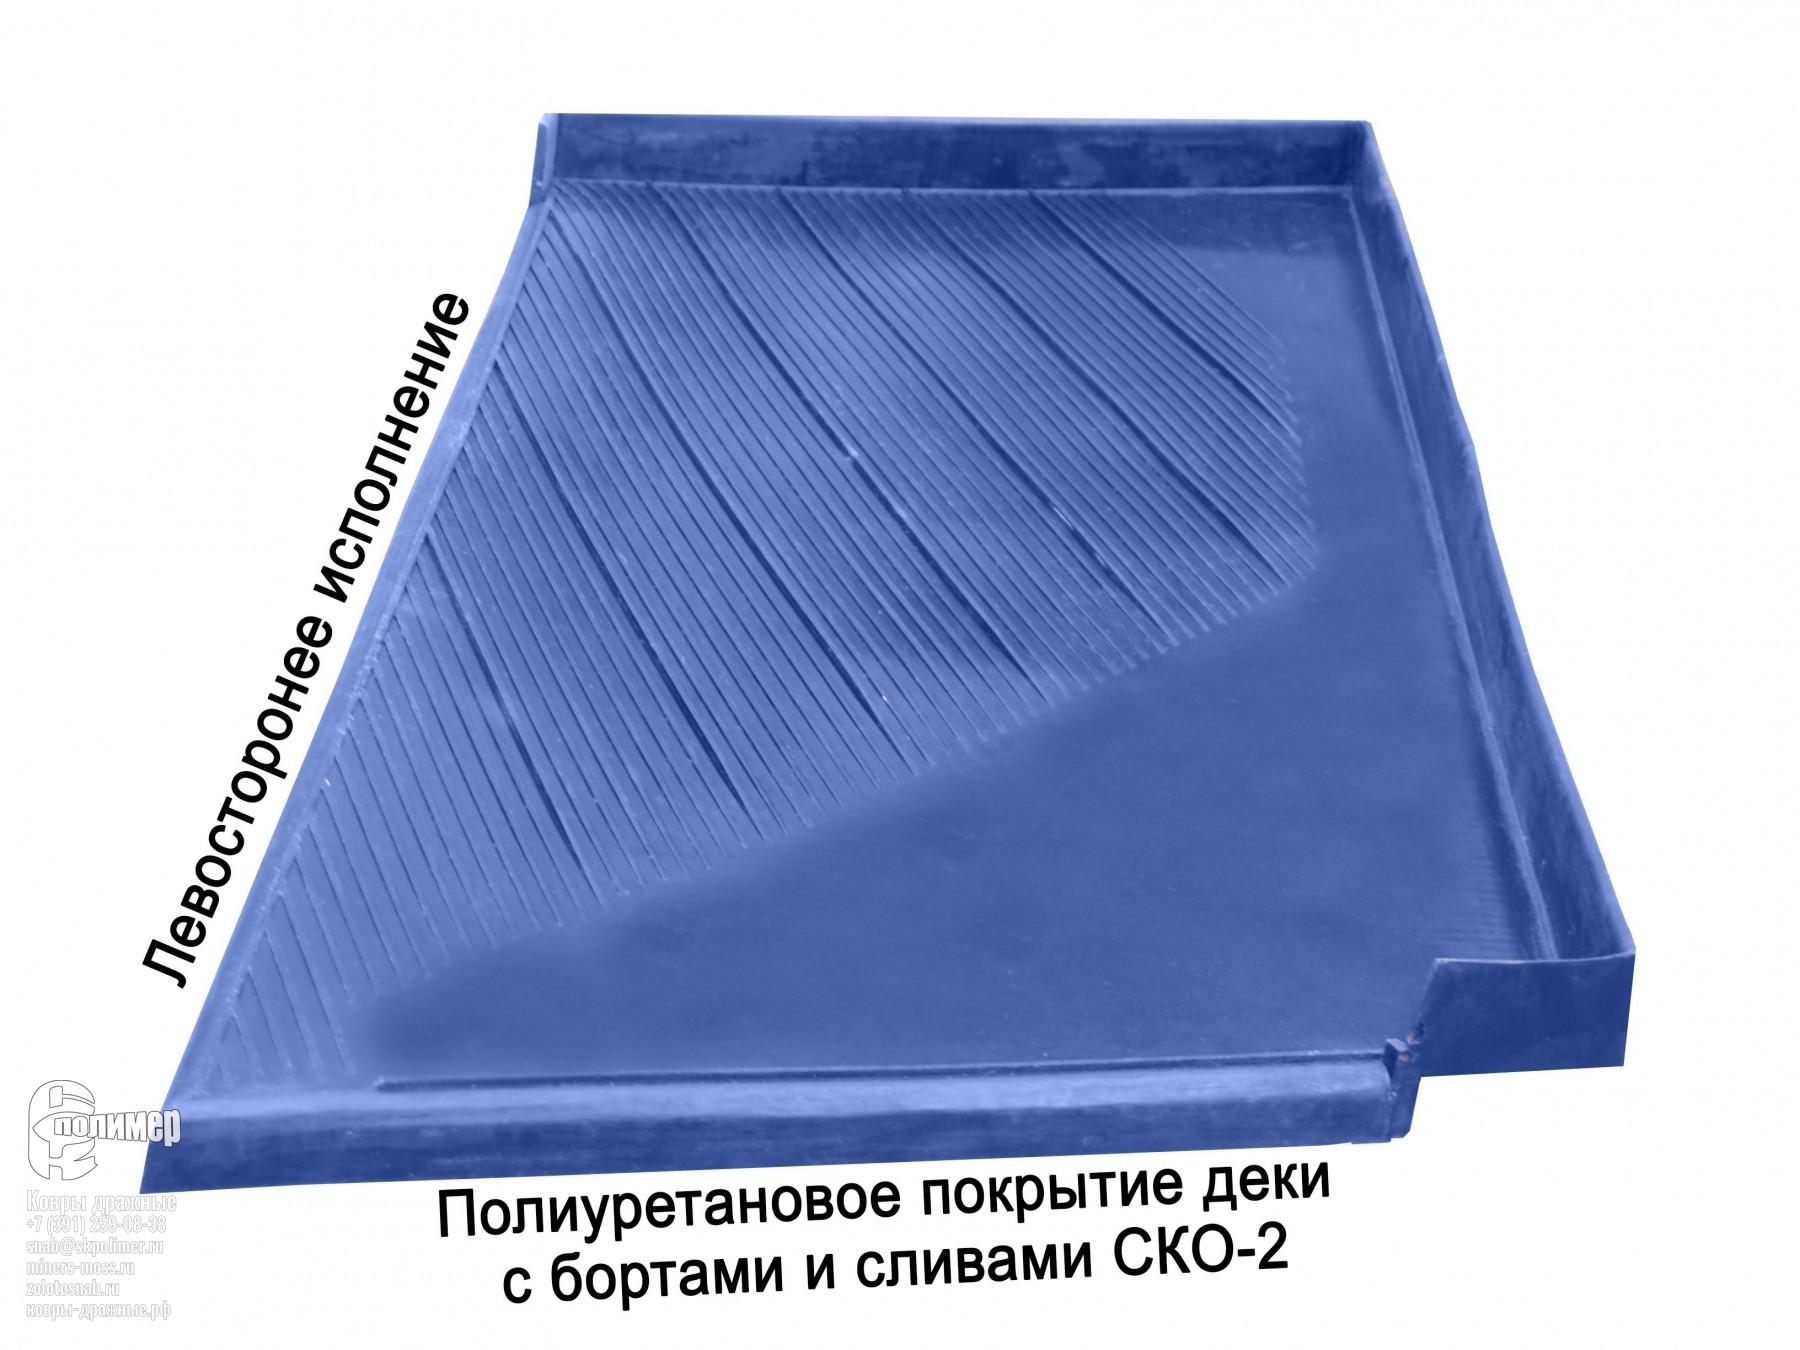 СКО-2Л